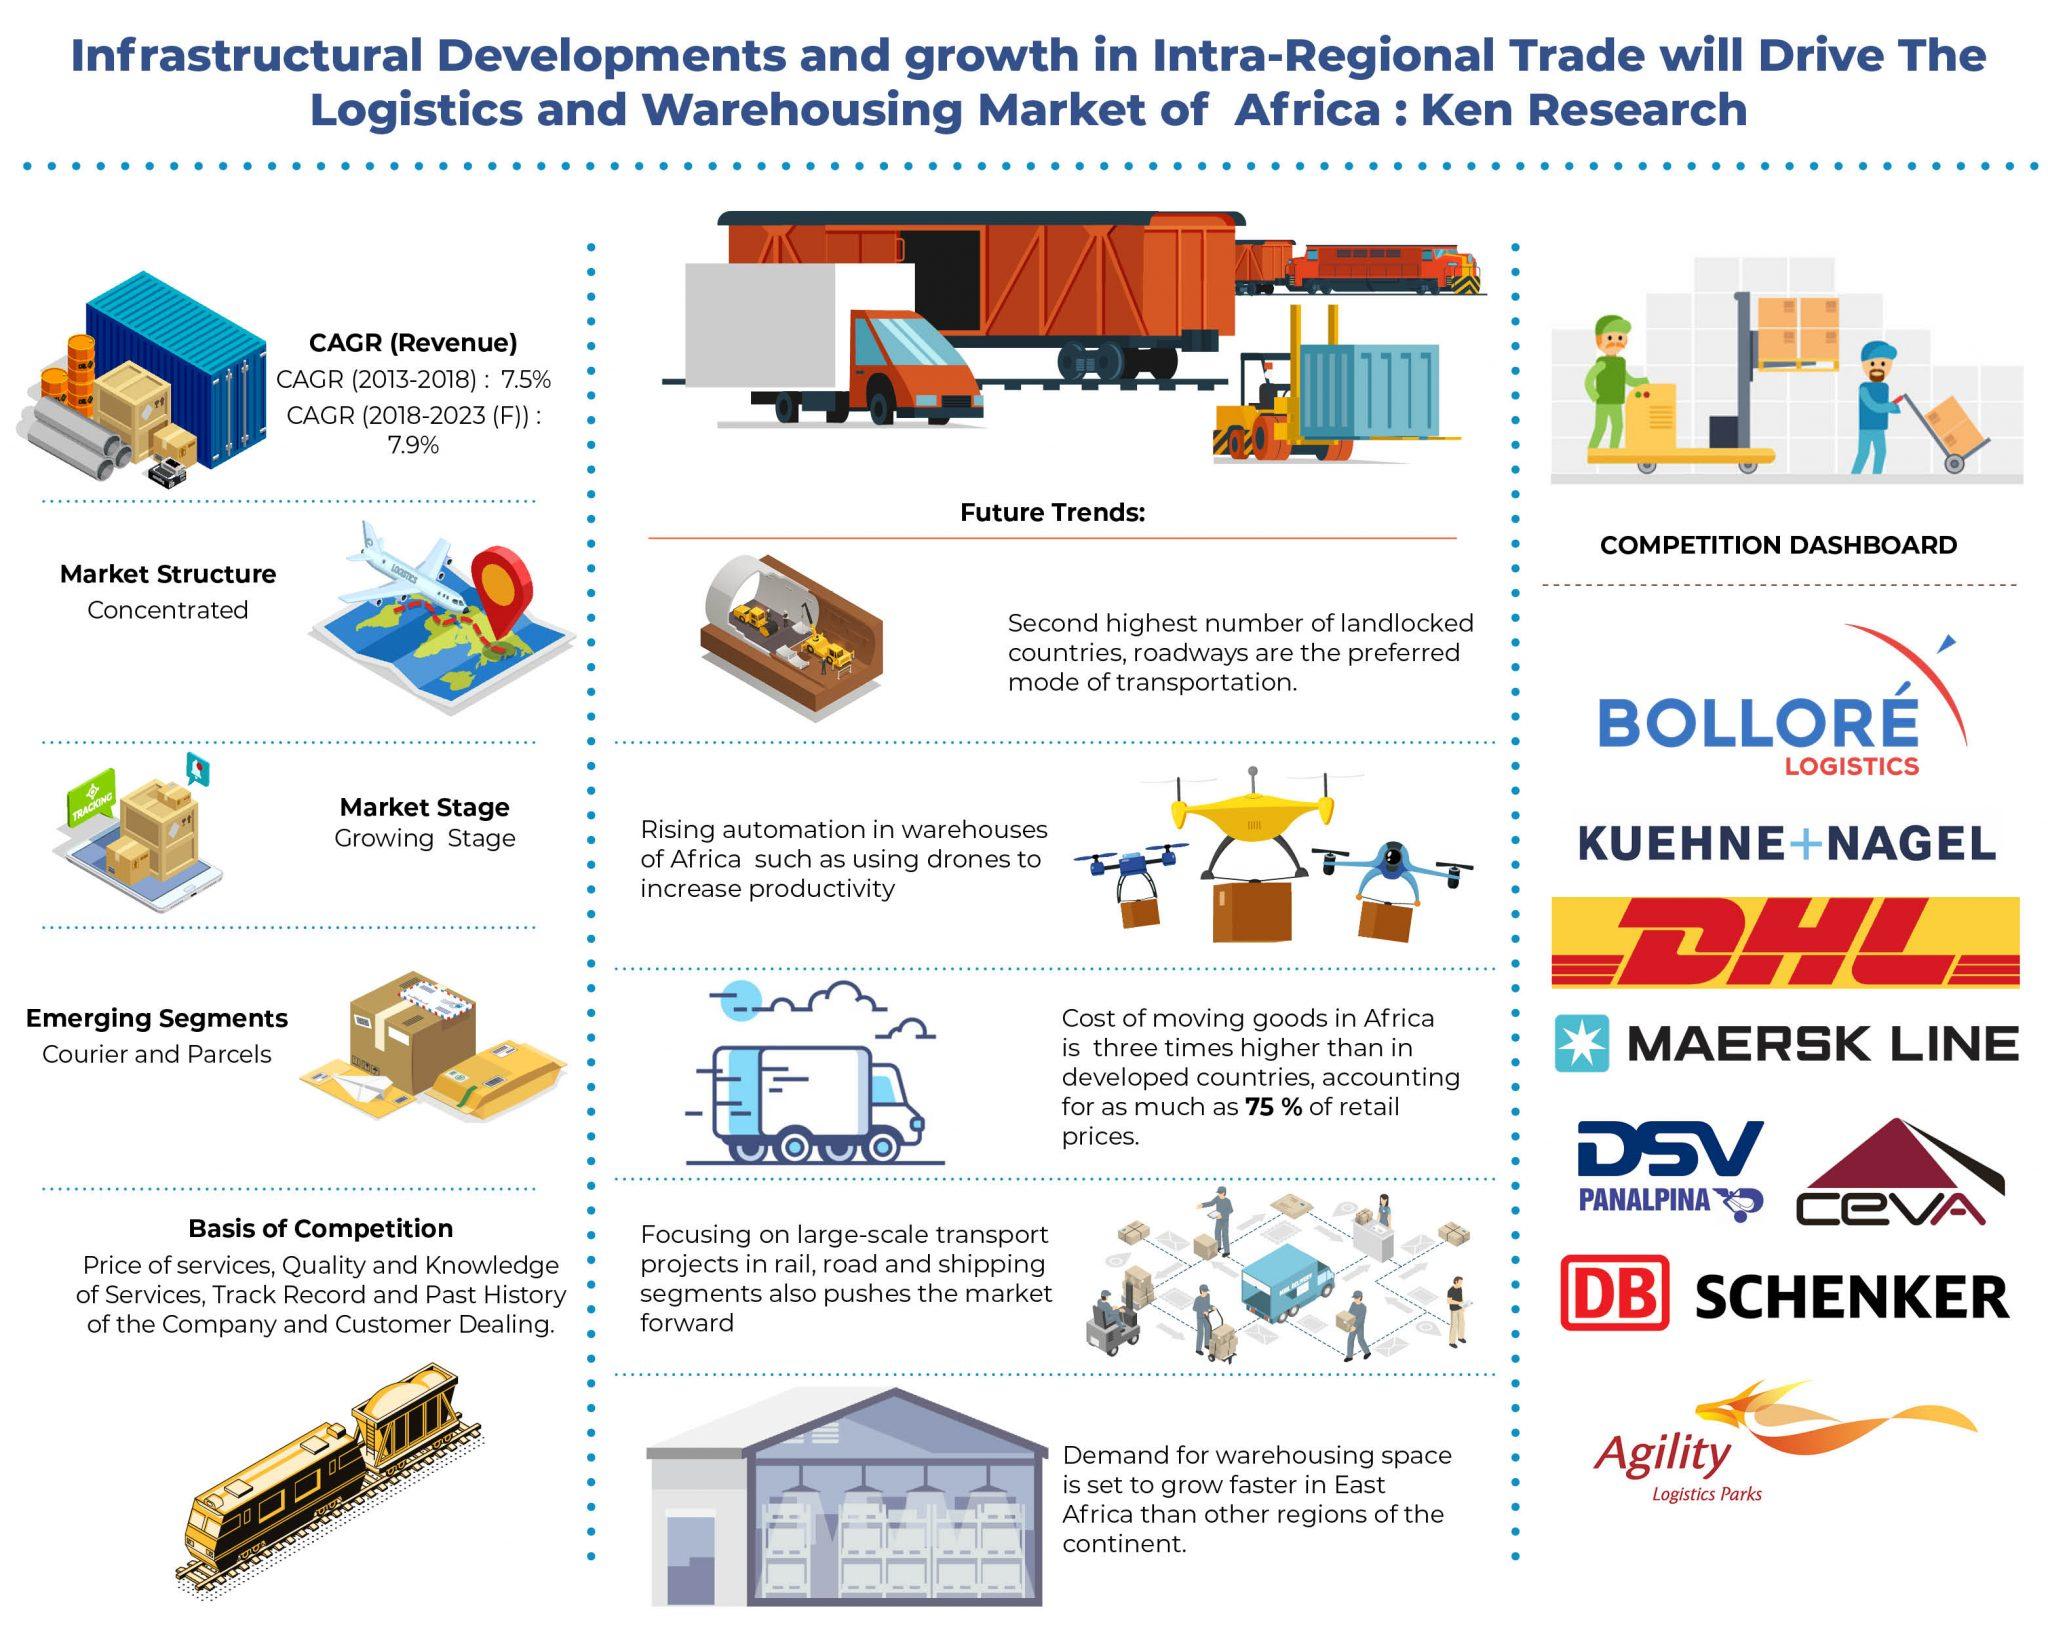 Africa-Logistics-and-Warehousing-Market.jpg